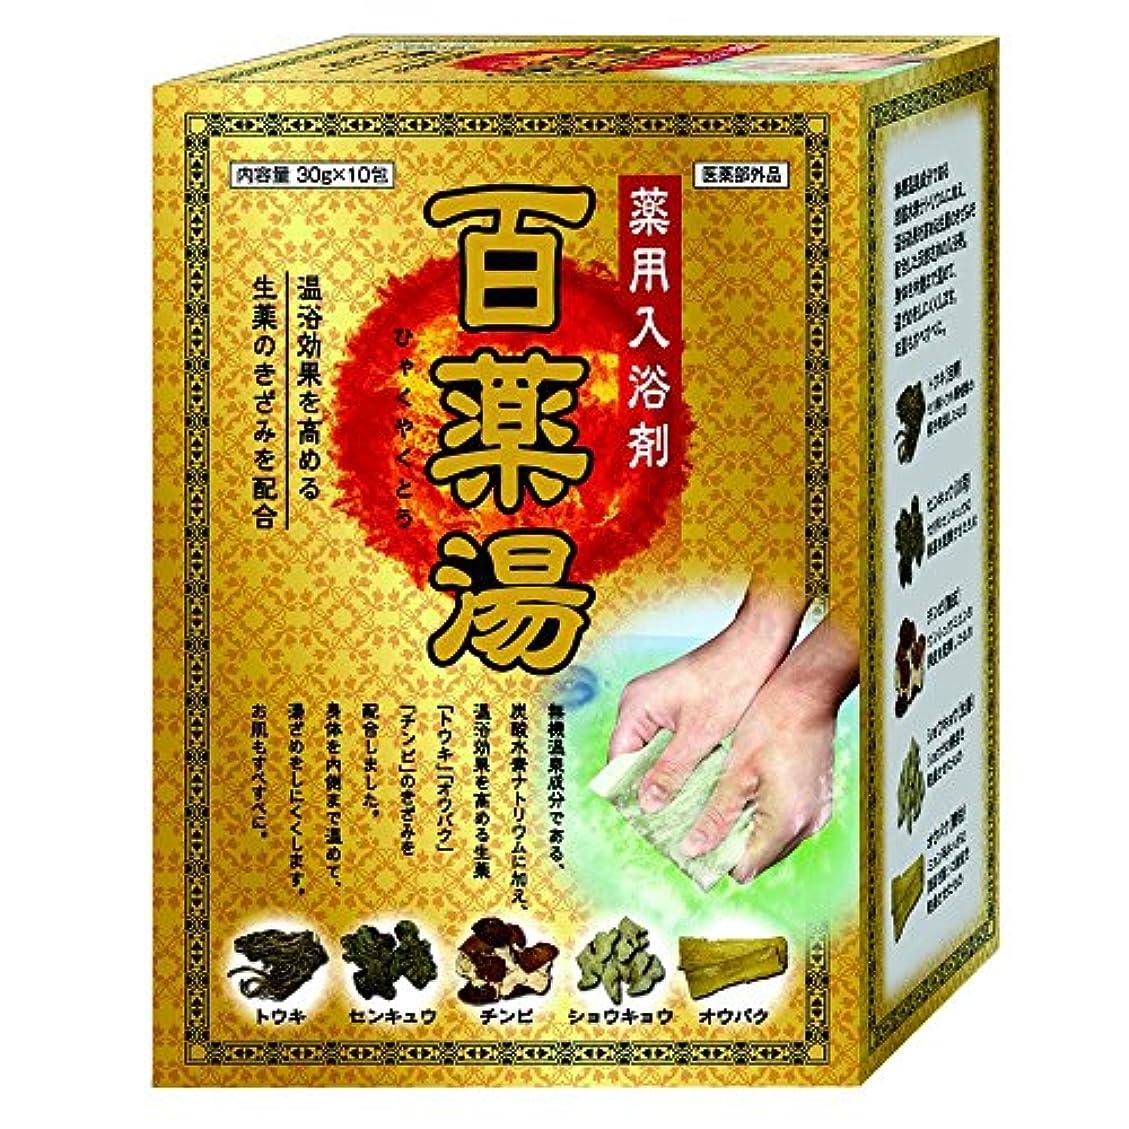 魔術師スナップ金貸し百薬湯 薬用入浴剤 温浴効果を高める生薬のきざみを配合 30g×10包 (医薬部外品)